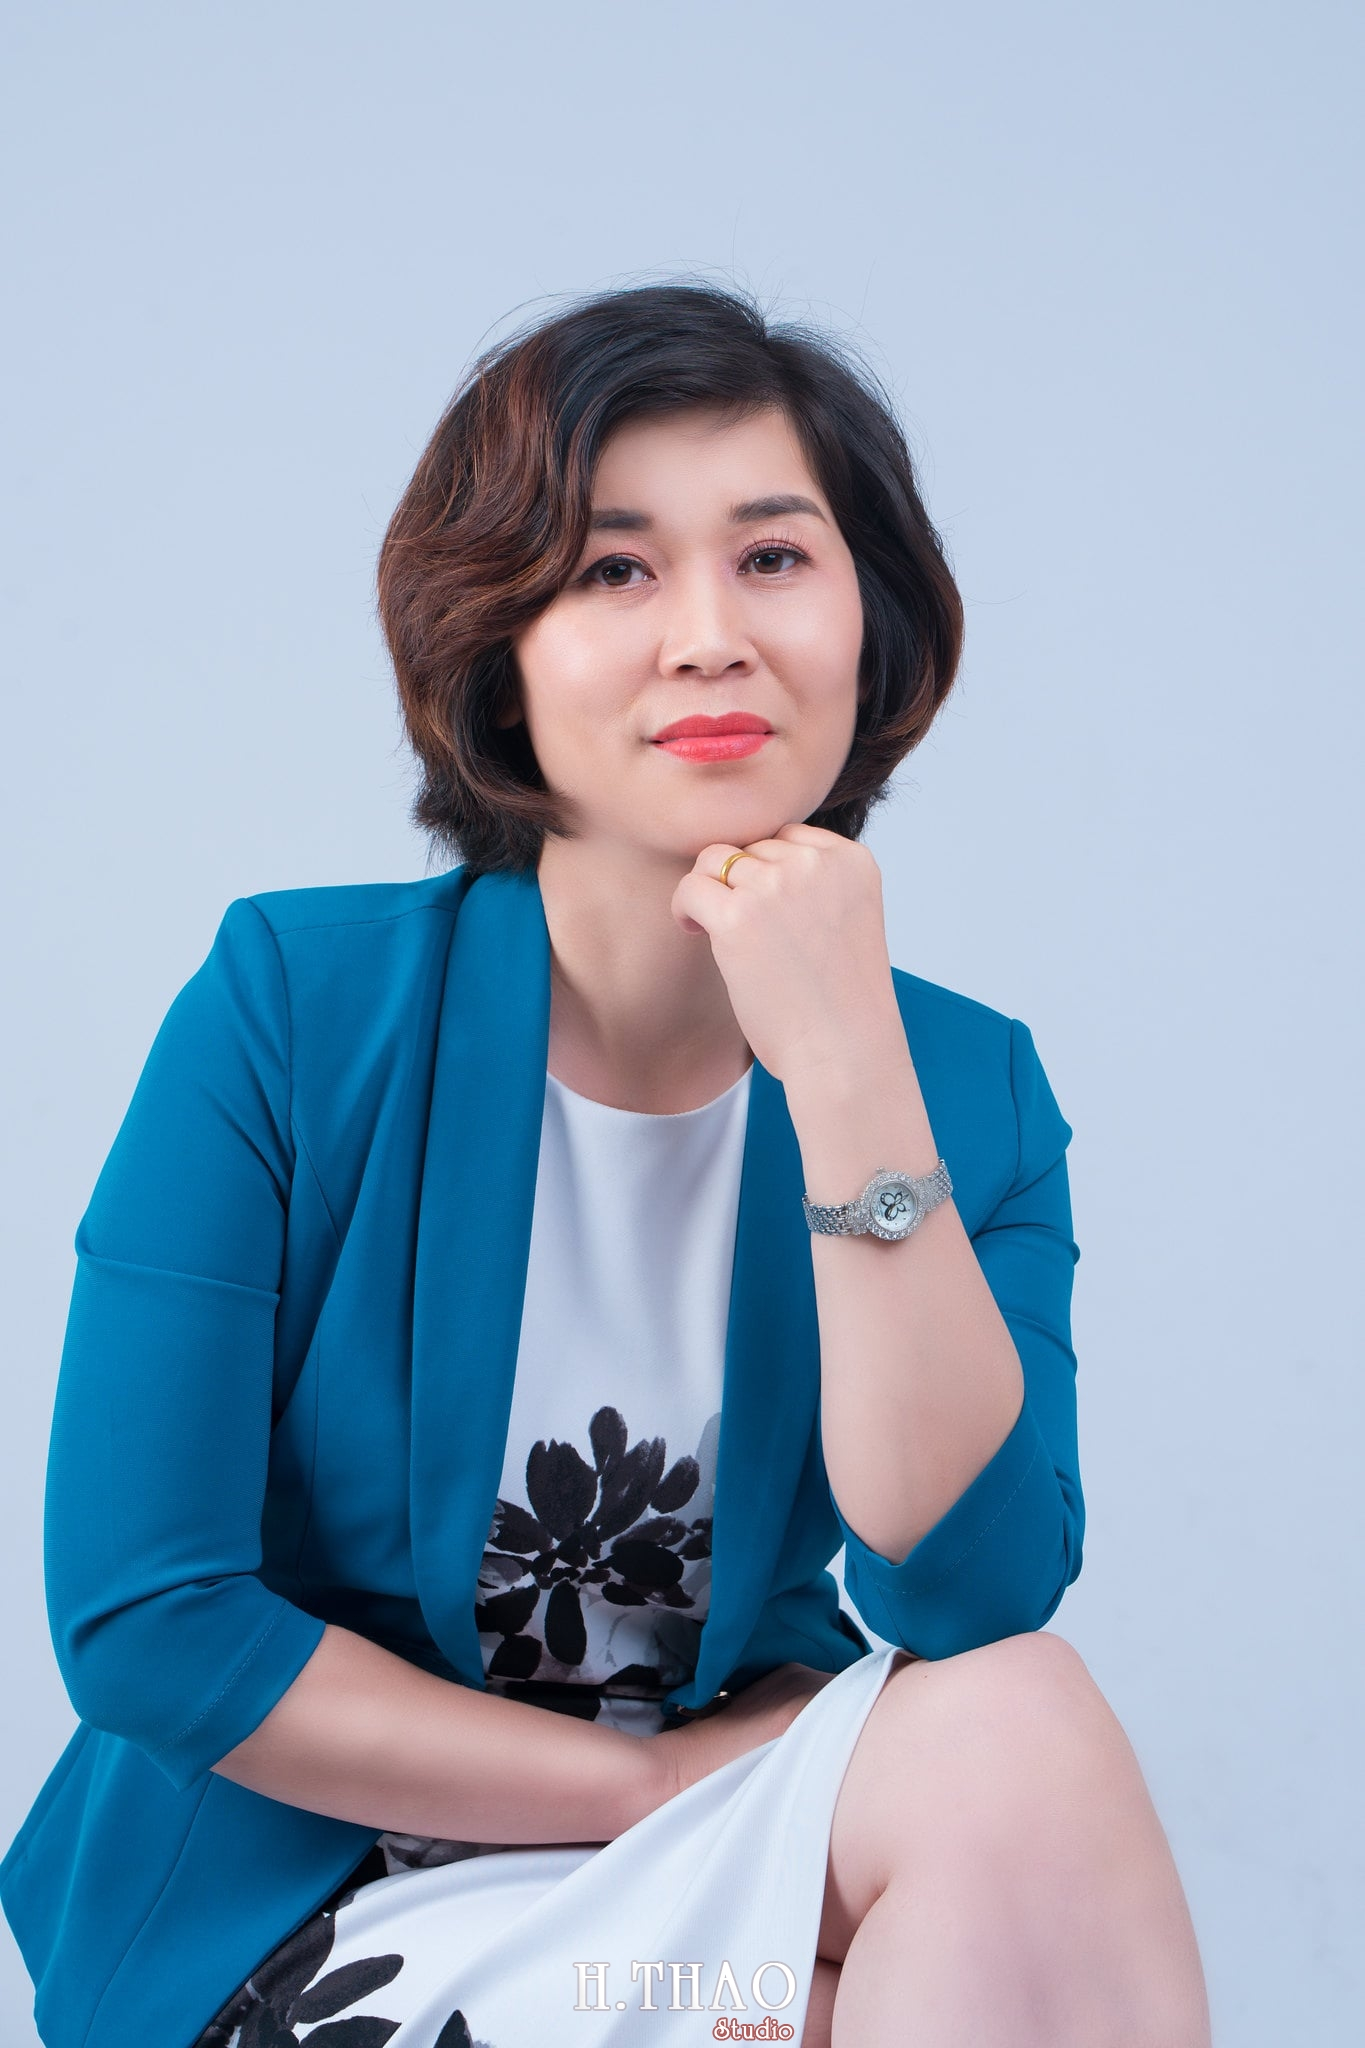 chan dung nu 9 - Album ảnh doanh nhân chị Quỳnh sang trọng, quý phái - HThao Studio